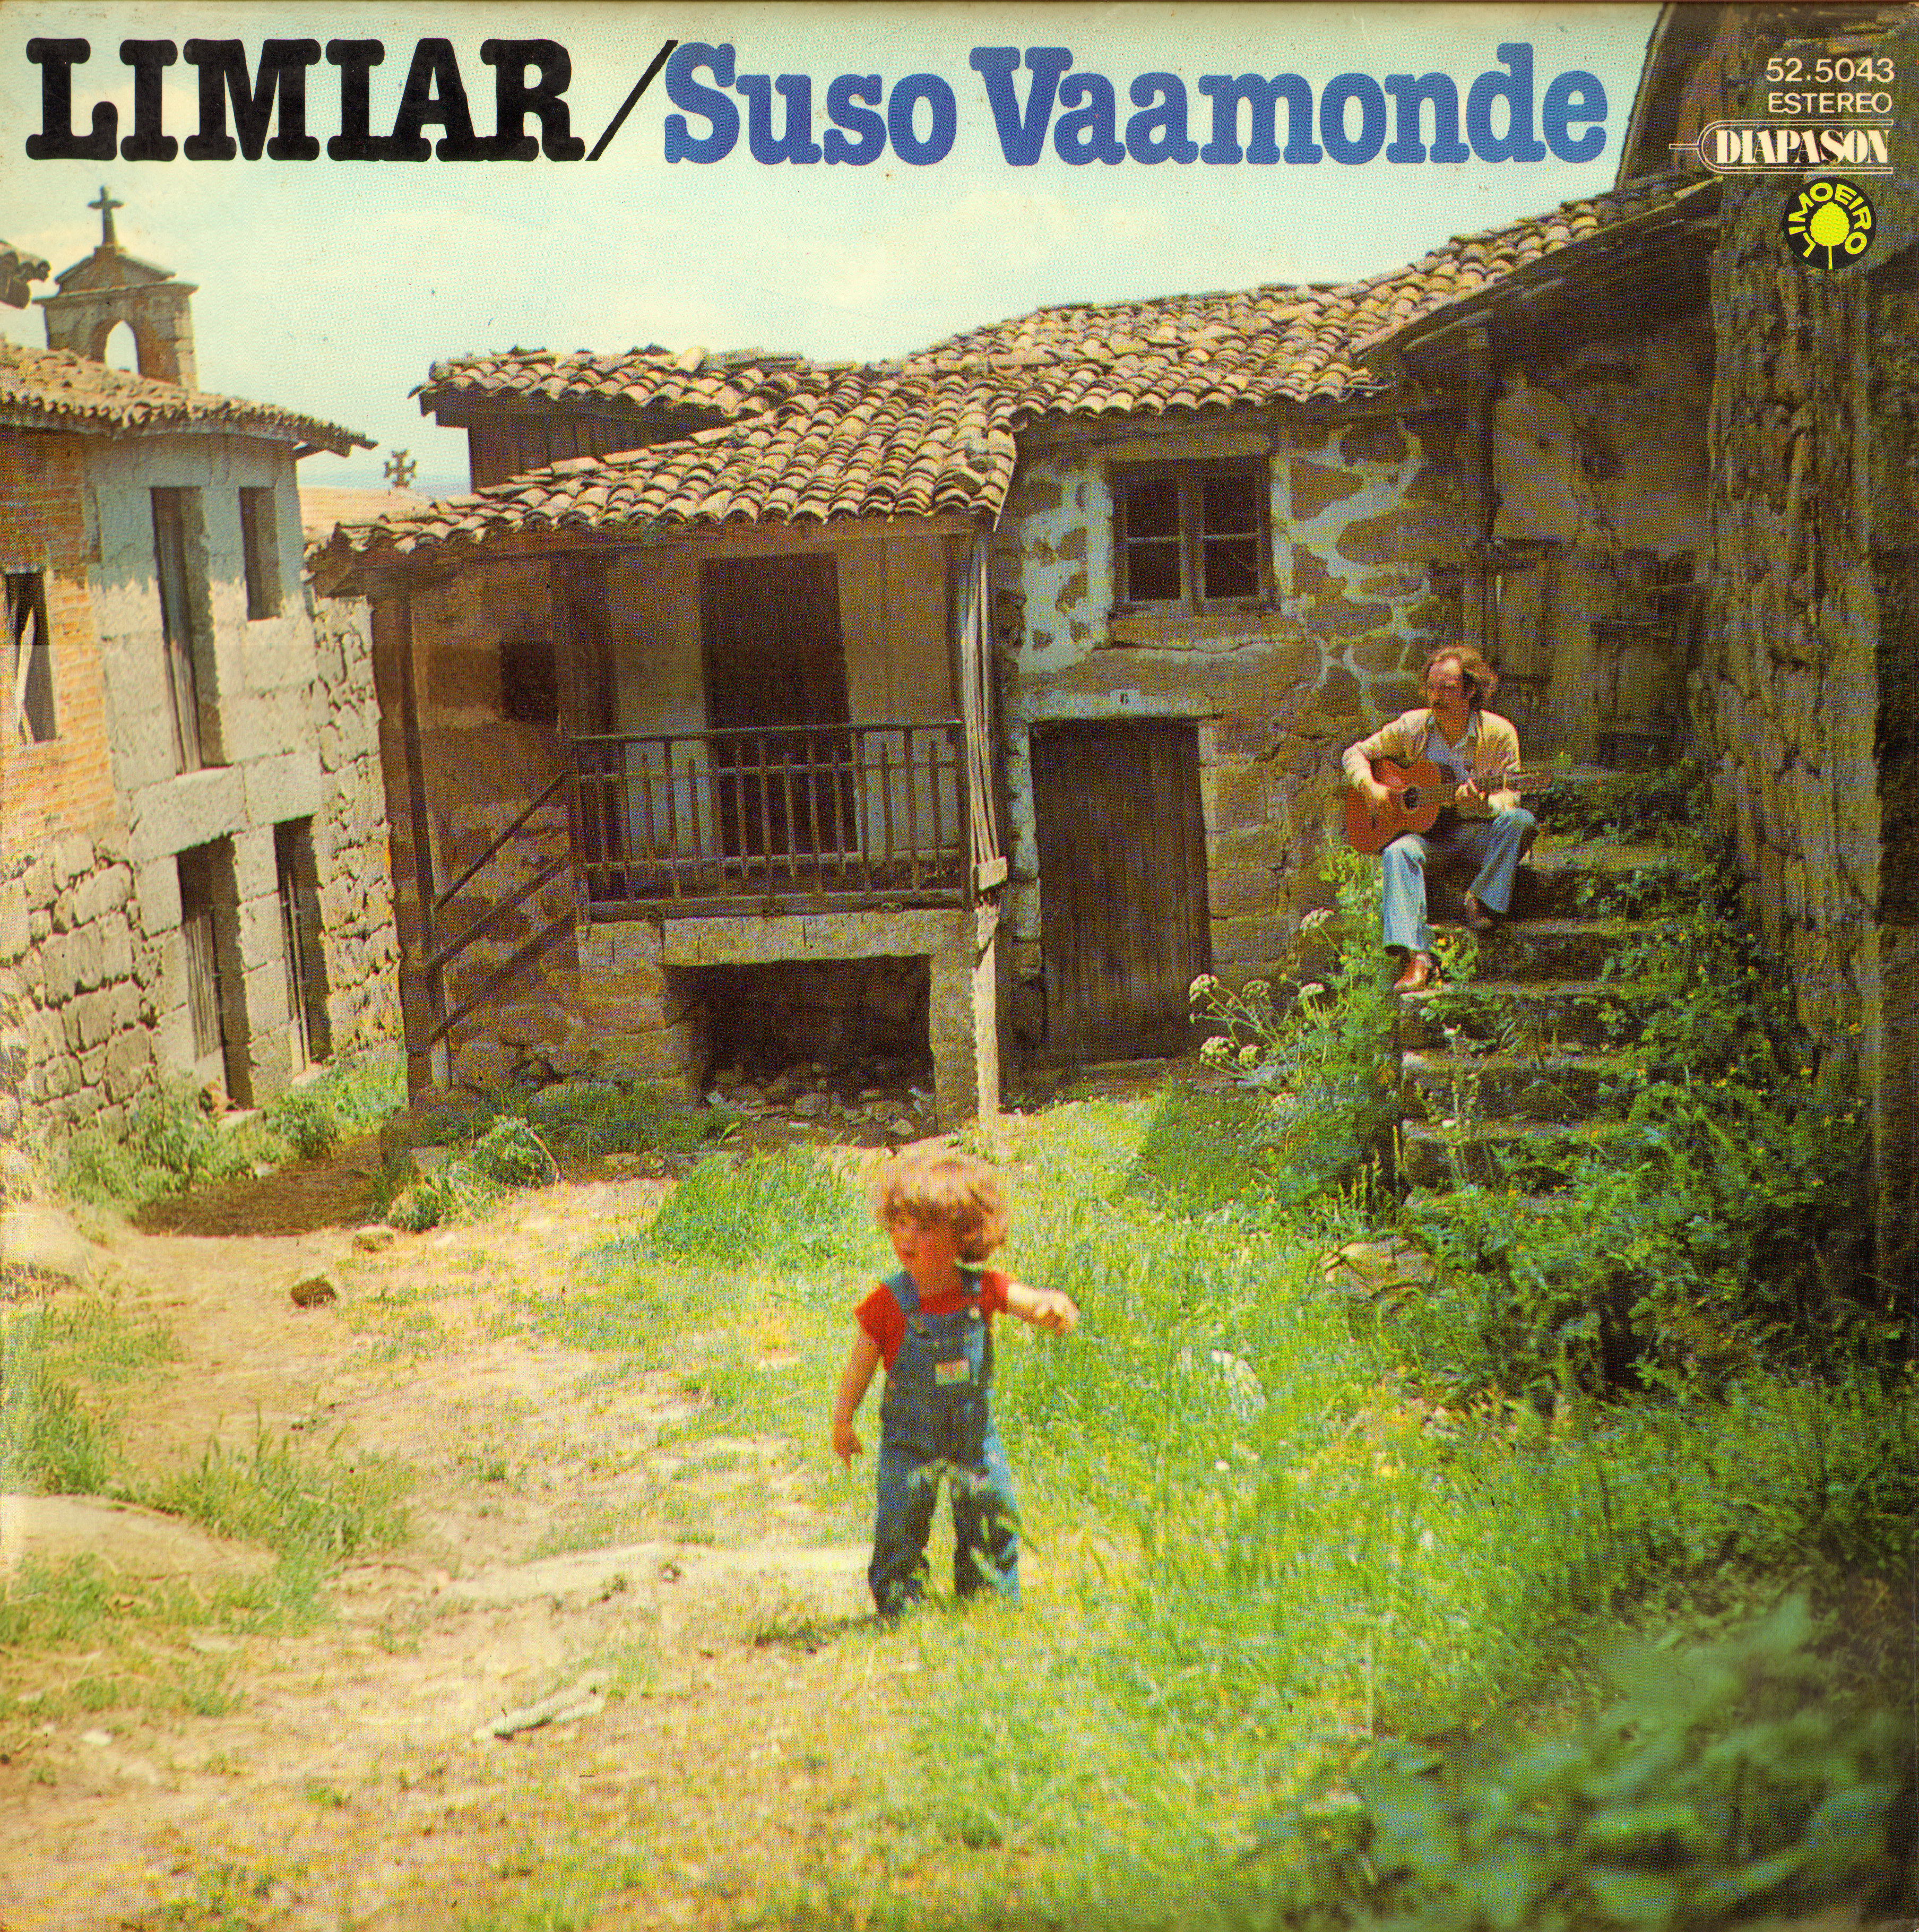 portada del album Limiar